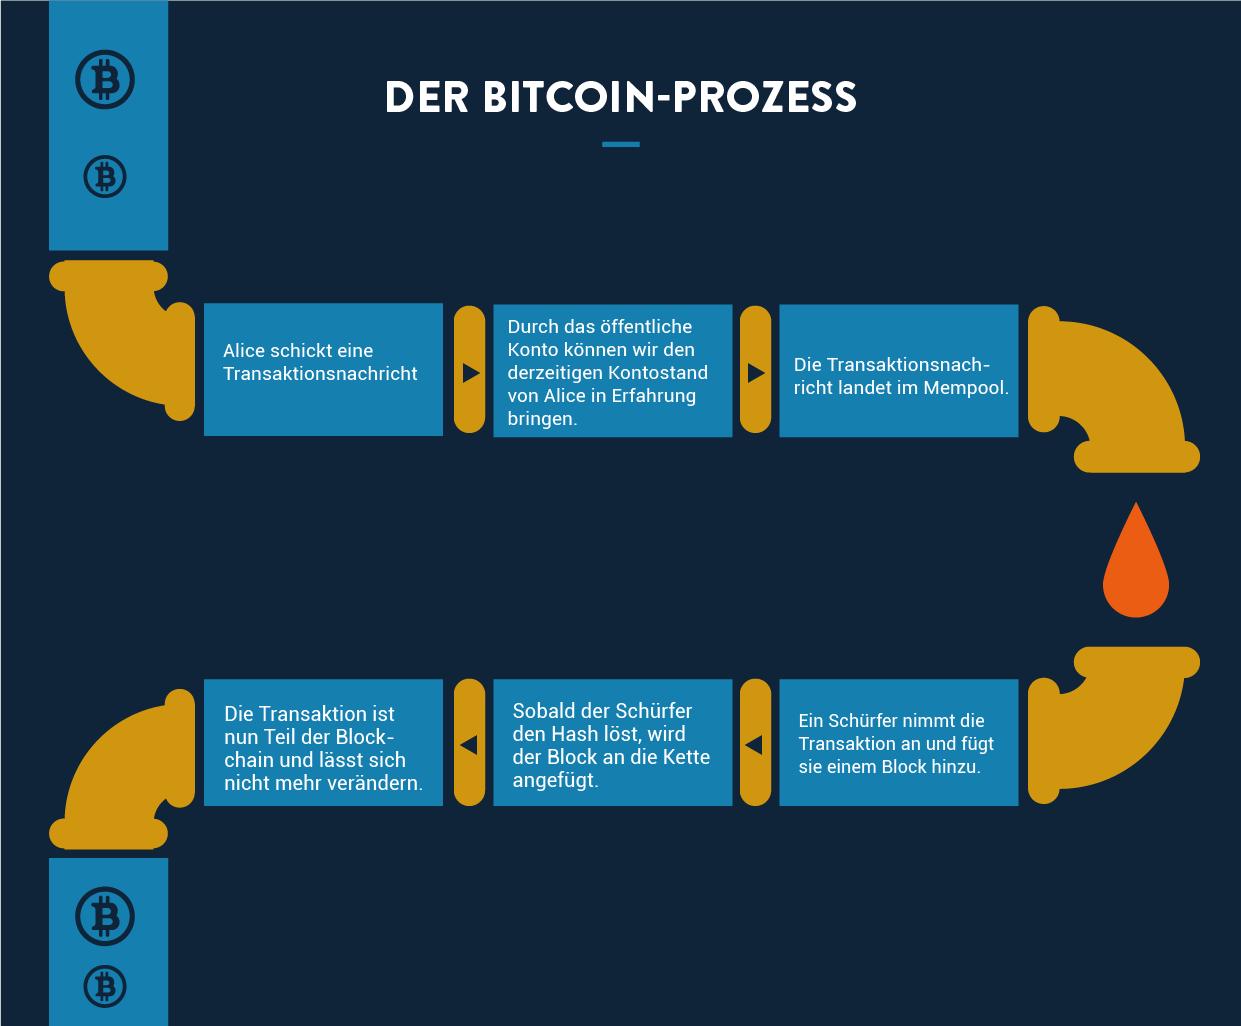 So uberzeugen Sie jemanden, um in das Bitcoin-Format zu investieren